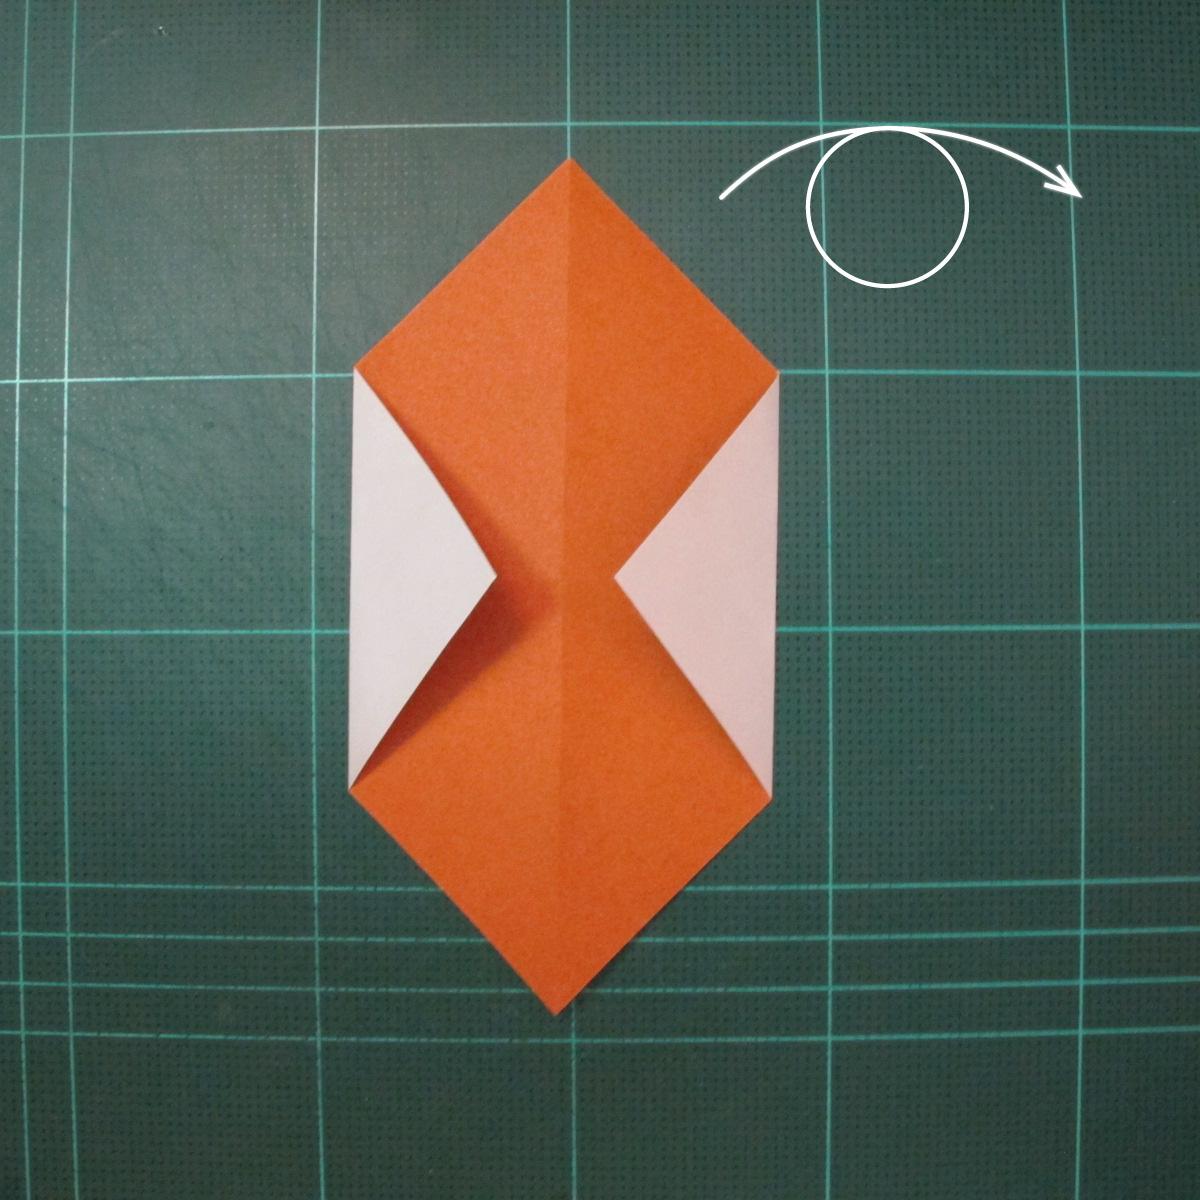 วิธีพับกระดาษเป็นที่คั่นหนังสือรูปหมาบูลด็อก (Origami Bulldog Bookmark) 002